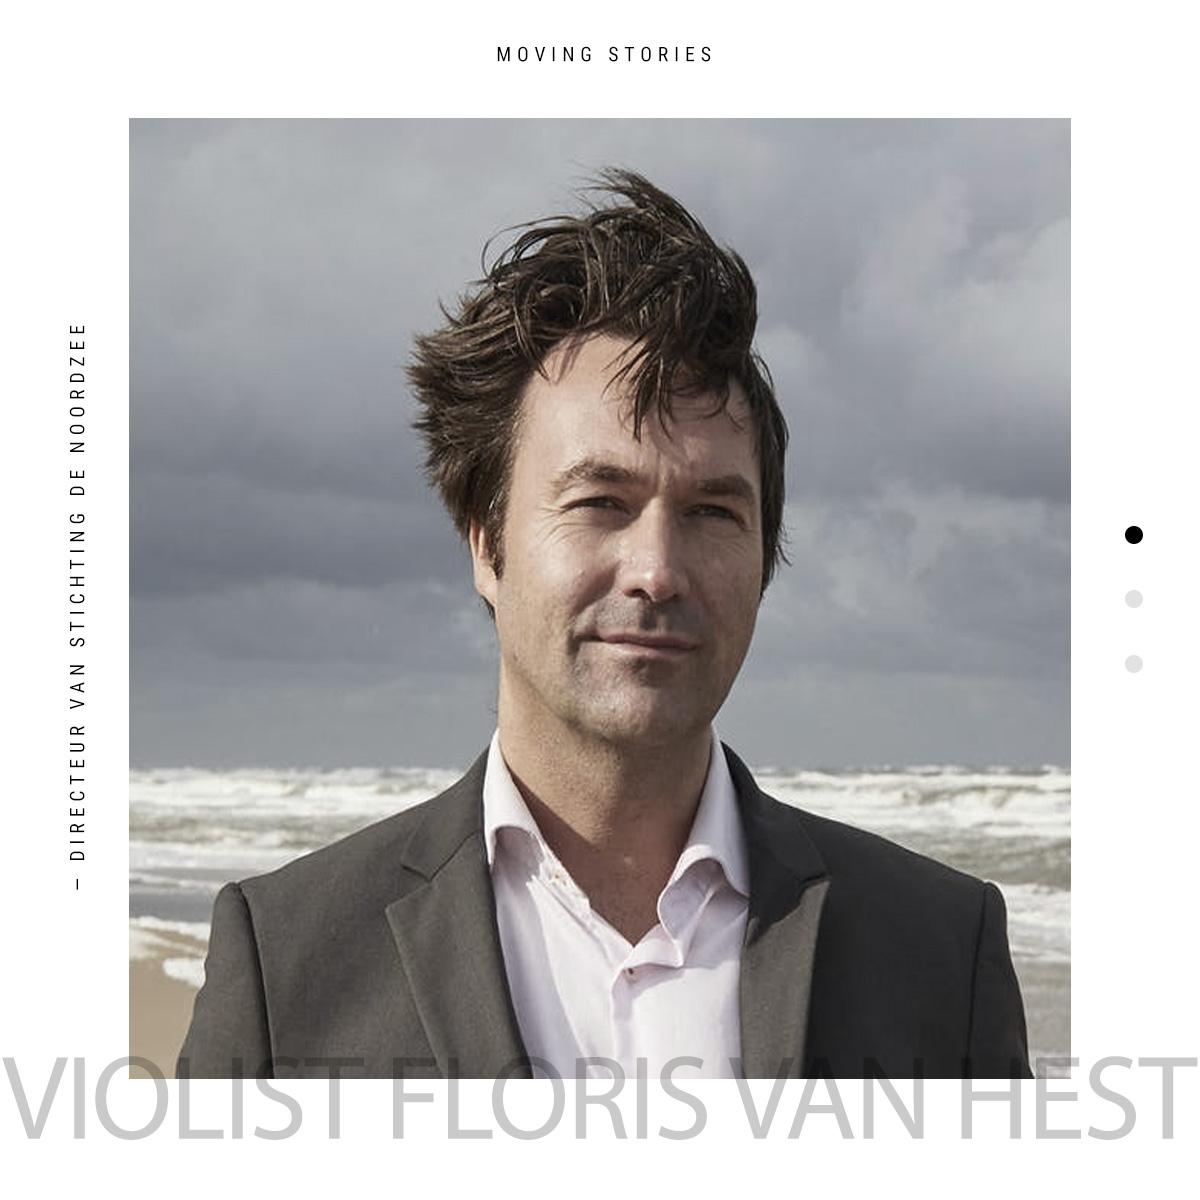 Moving Story - Floris van Hest